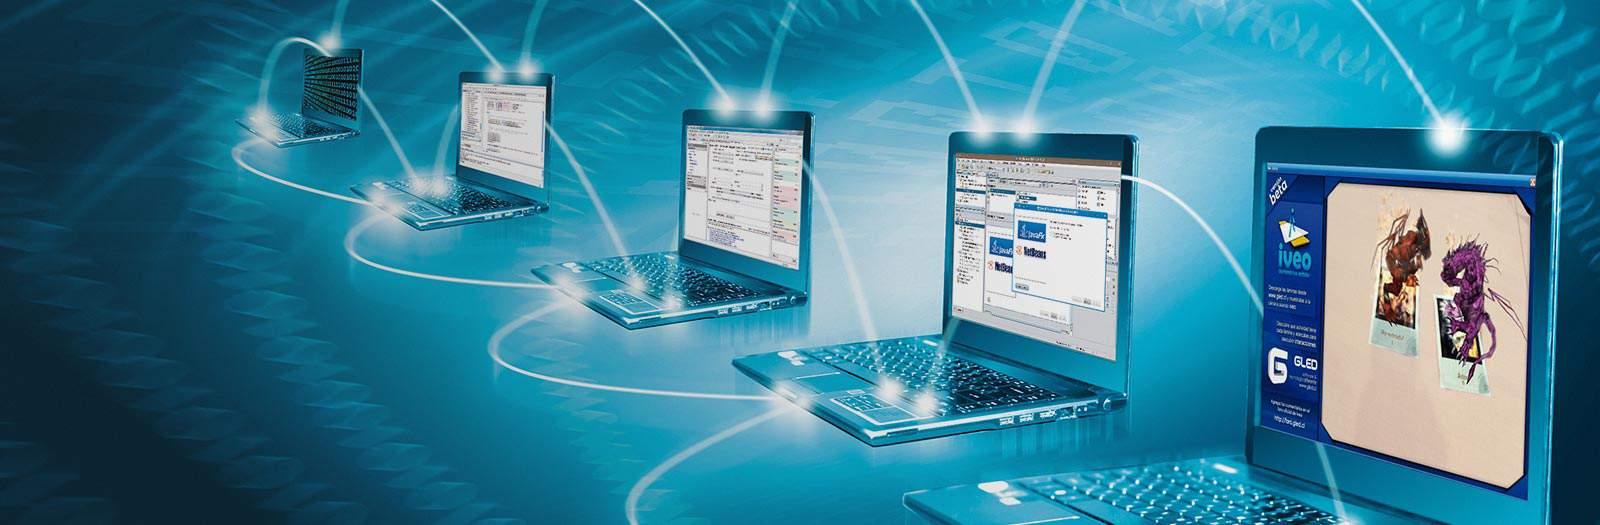 Chinipro soluciones informáticas